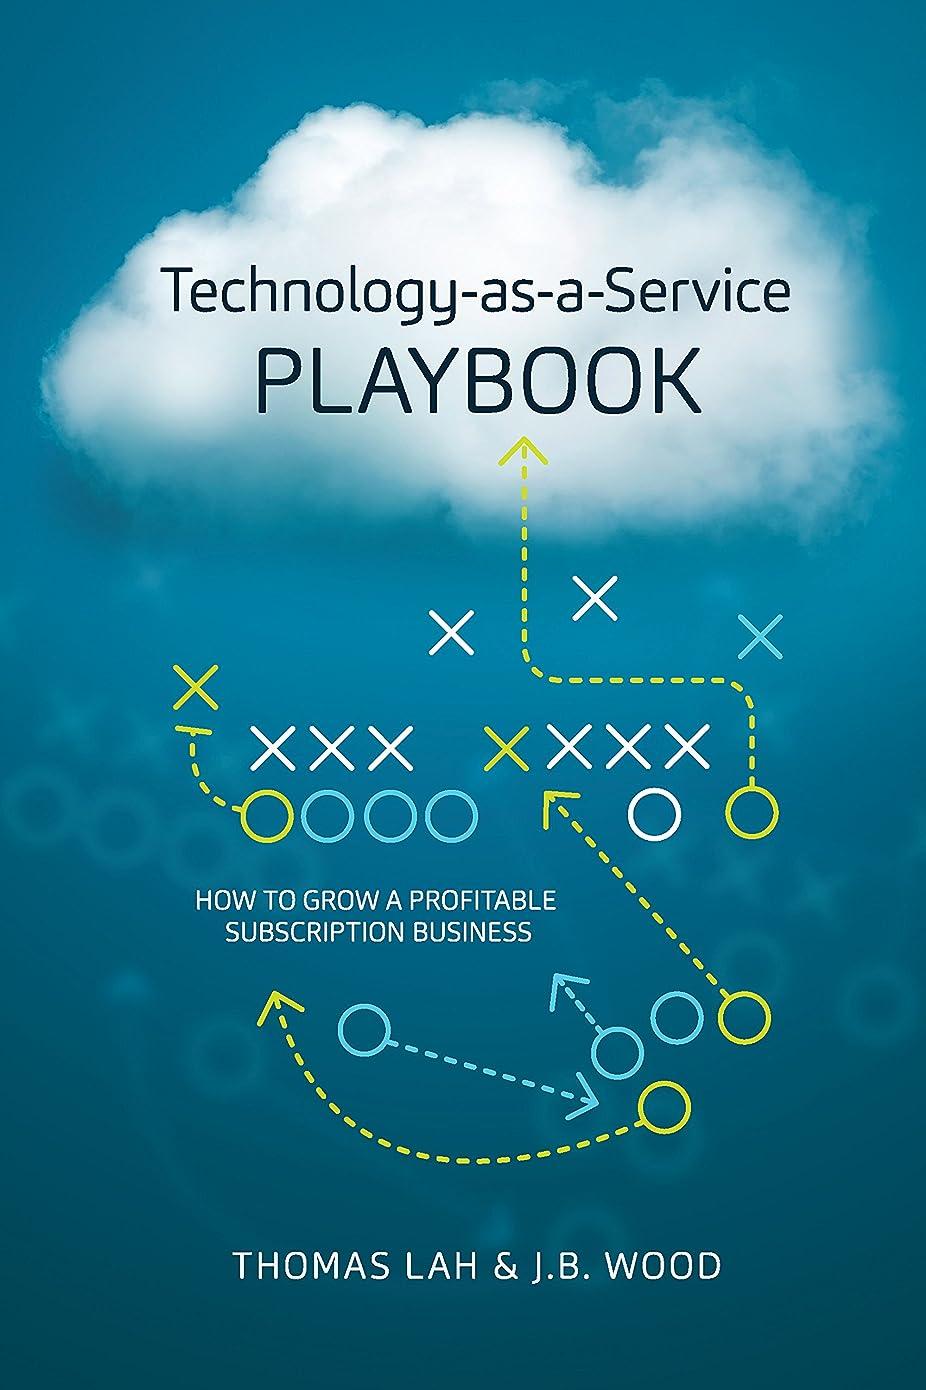 気付く儀式道徳教育Technology-as-a-Service Playbook: How to Grow a Profitable Subscription Business (English Edition)